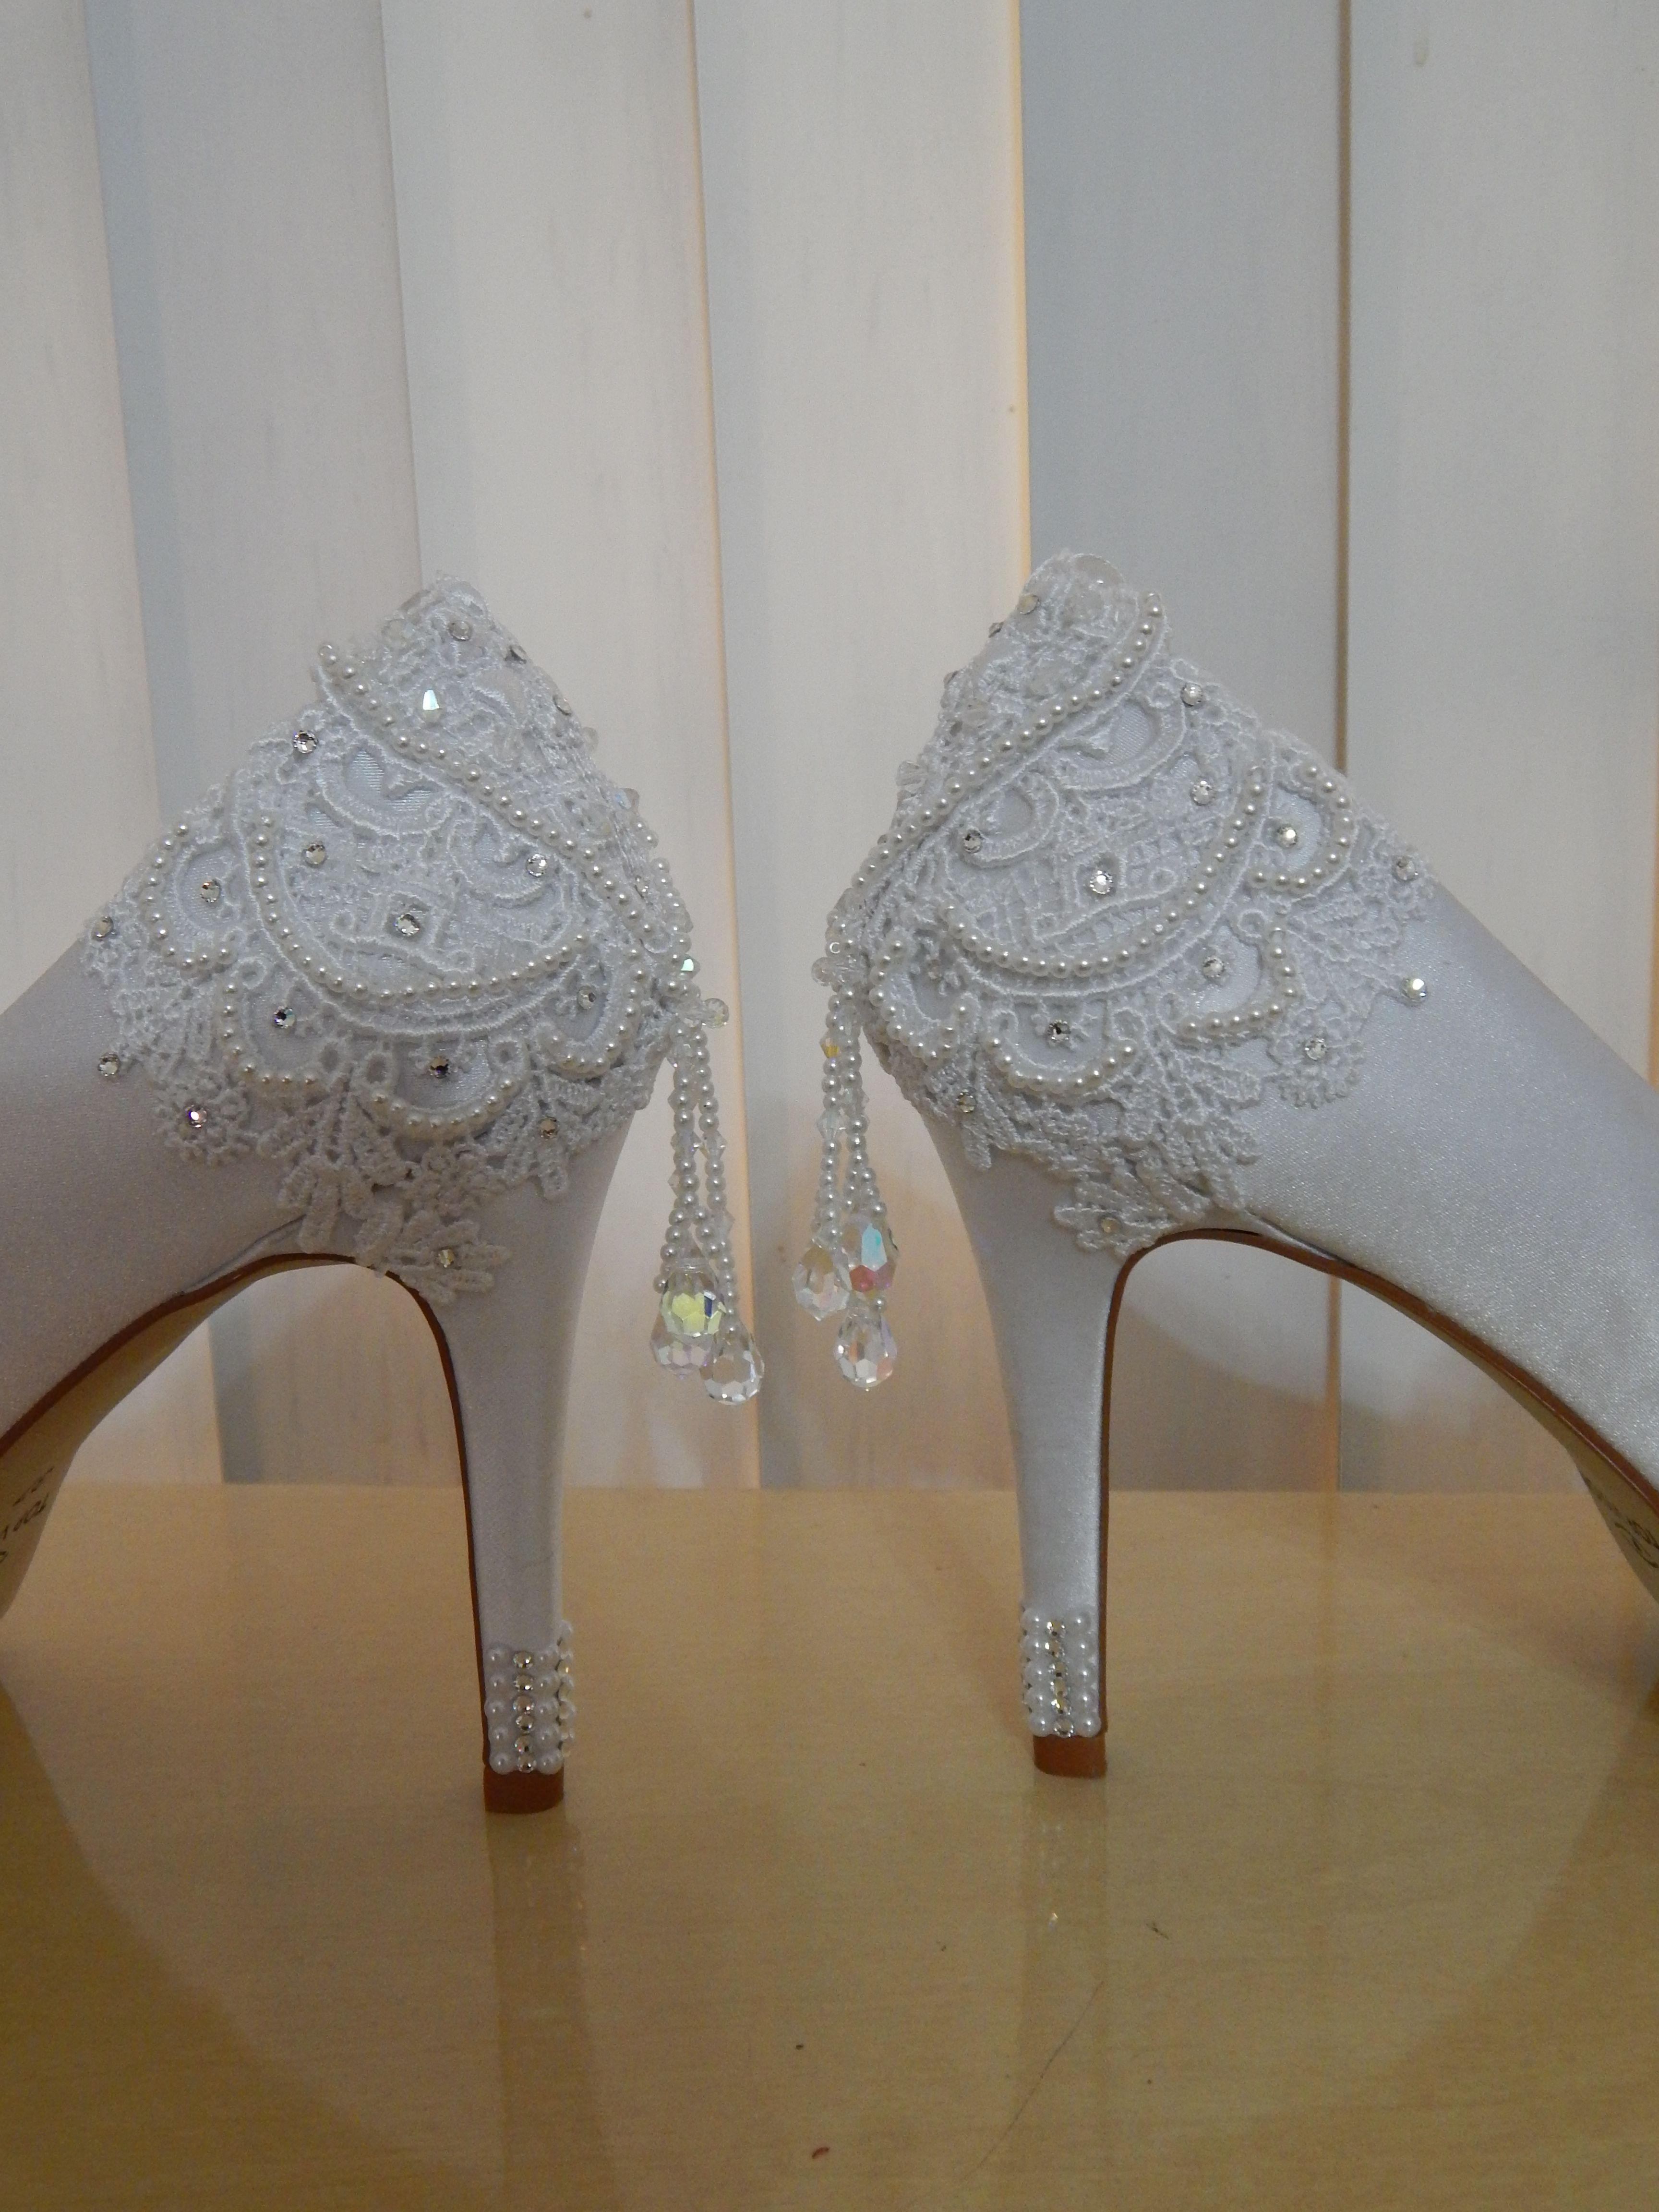 3b9466786 Sapatos Ornamental Acessórios customizados com renda de guipir, bordado com  cristais da marca Swarovski e Preciosa, com detalhes de pérolas.